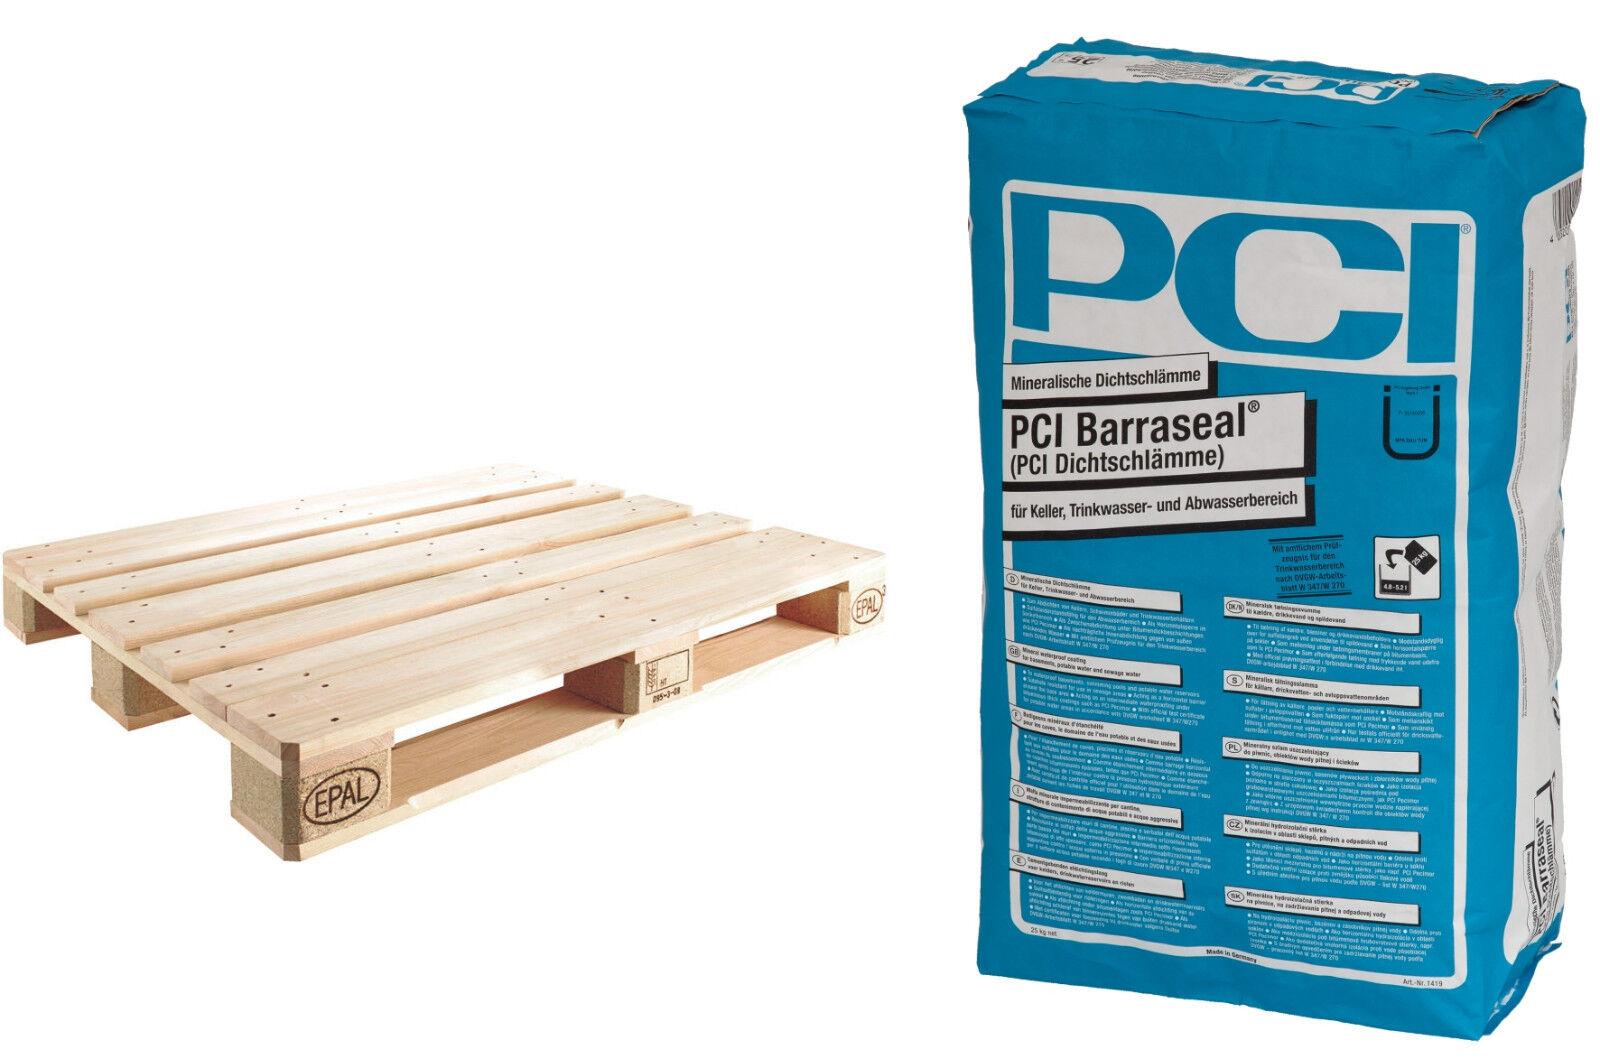 PCI Saniment DS 42 X 25kg Wird durch Barraseal ersetzt Dichtschlämme ...